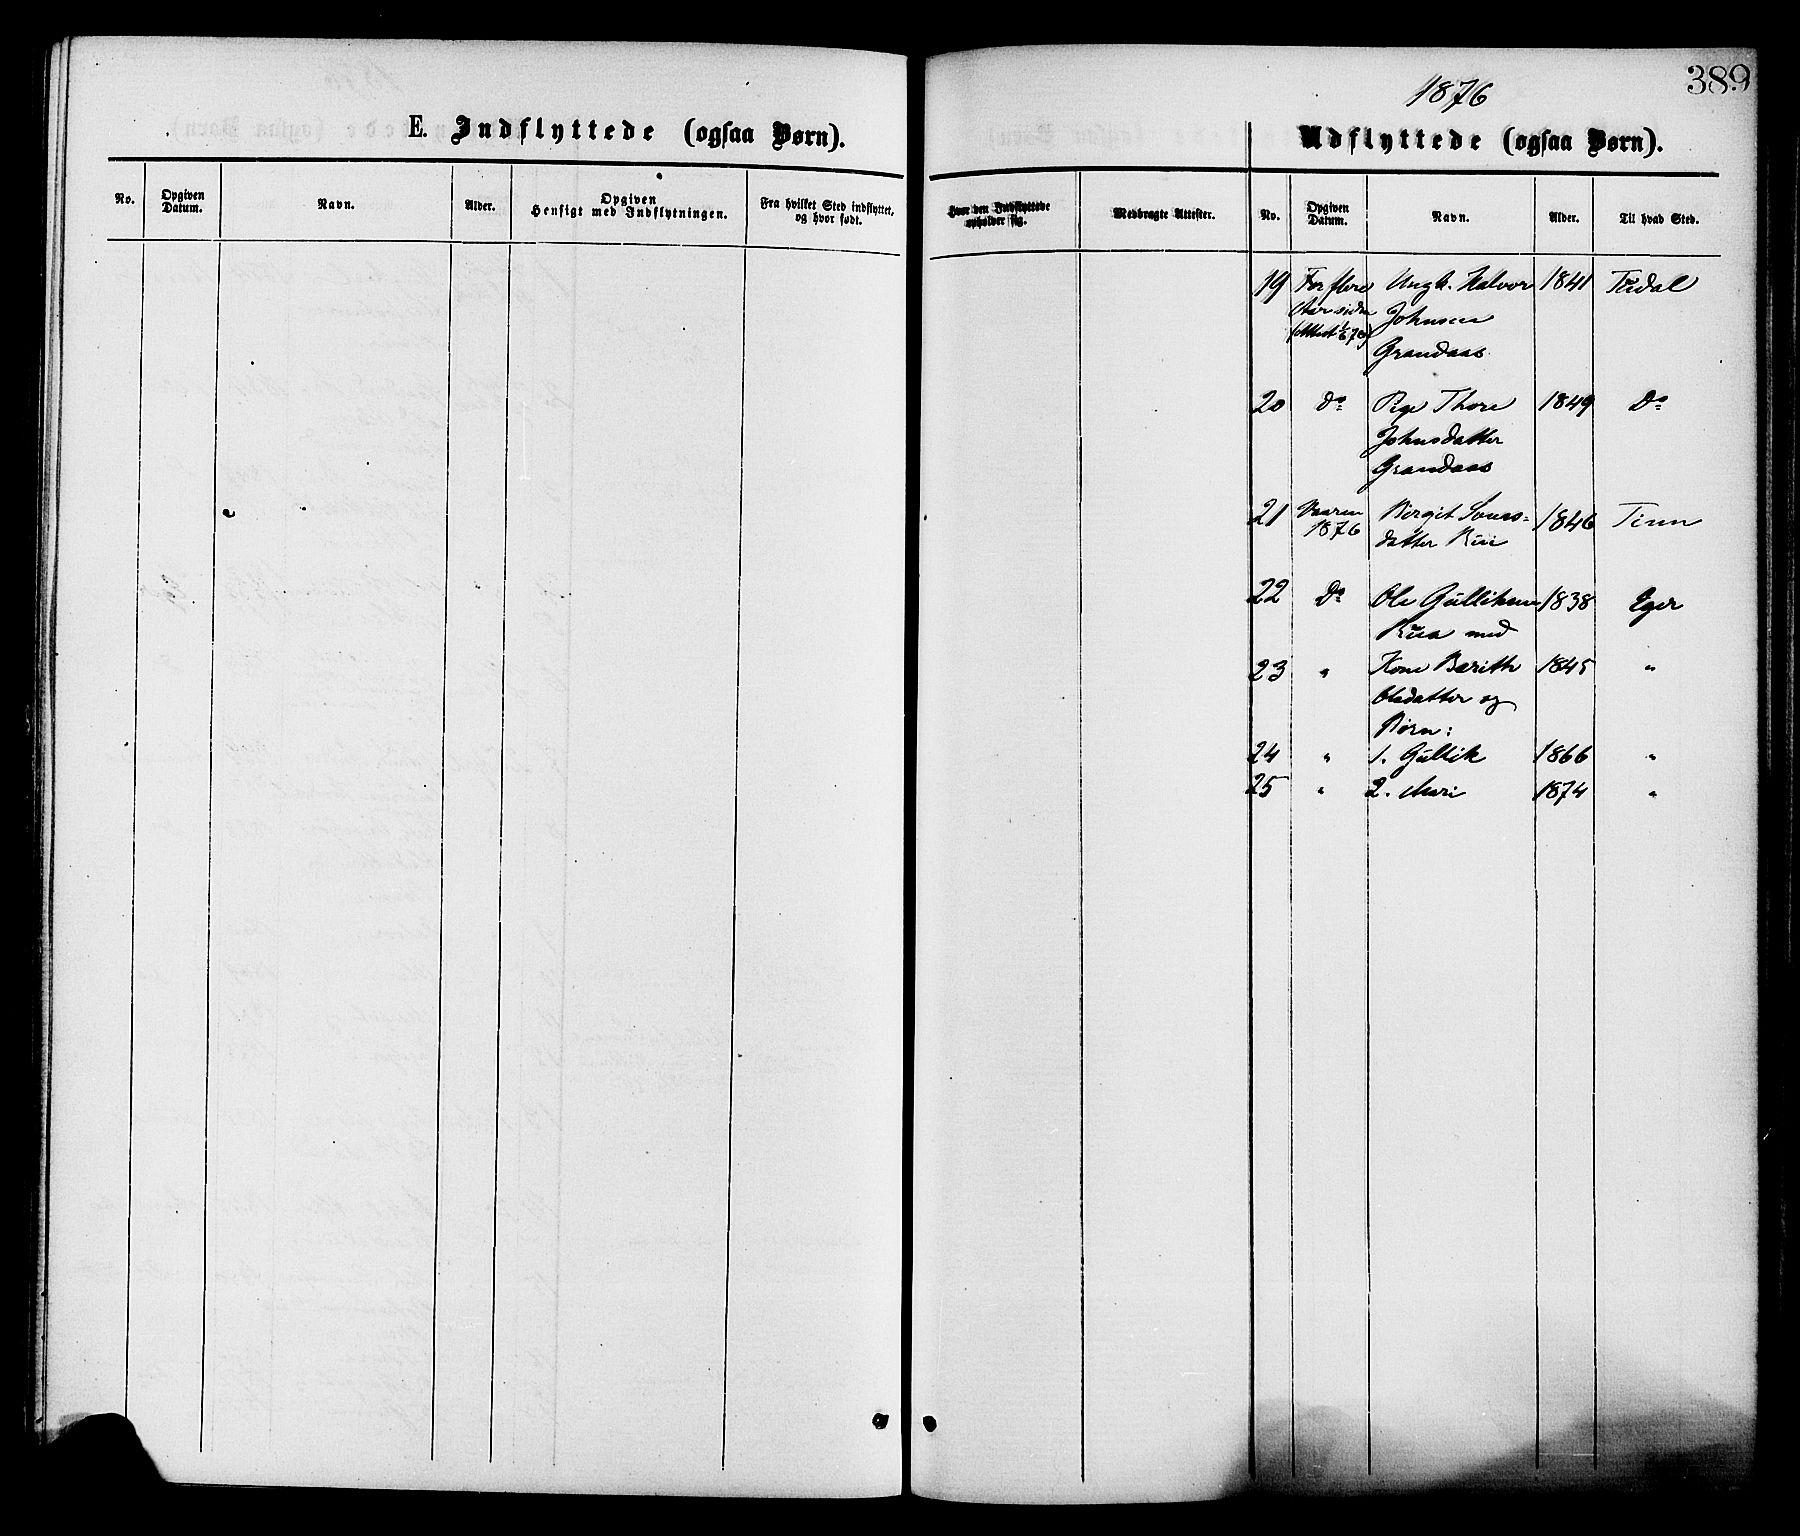 SAKO, Gransherad kirkebøker, F/Fa/L0004: Ministerialbok nr. I 4, 1871-1886, s. 389